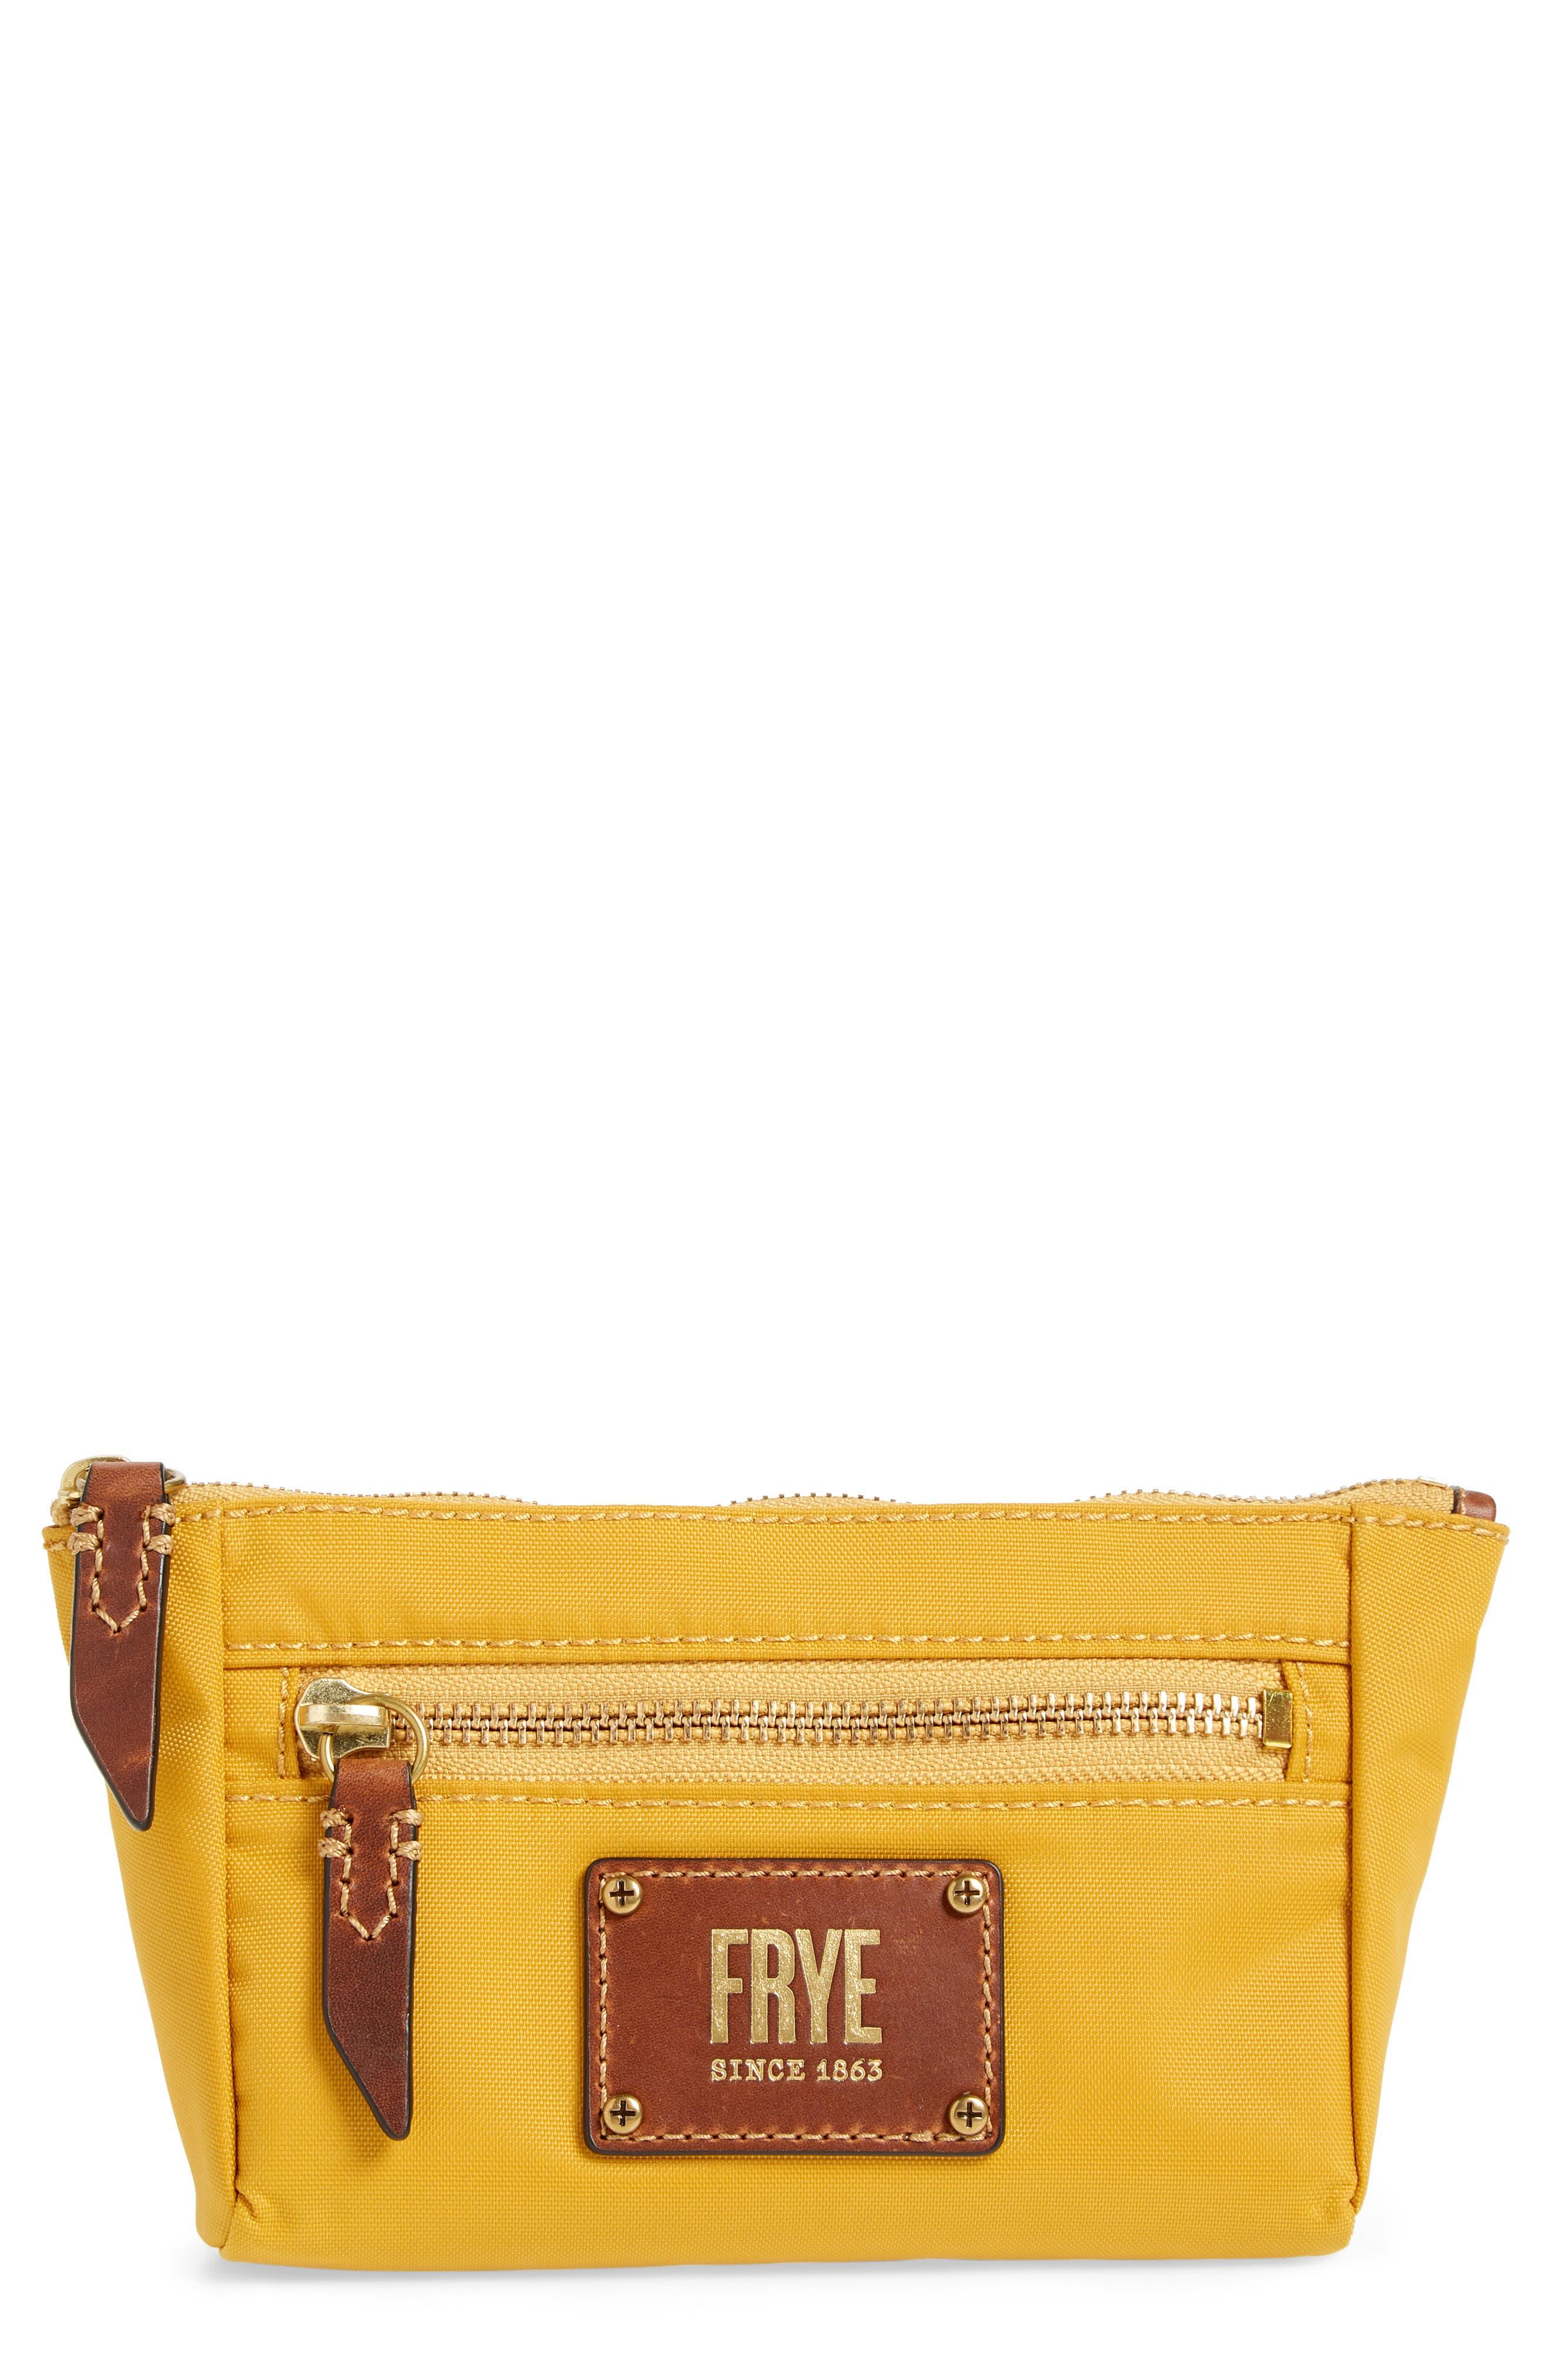 Frye Ivy Nylon Cosmetics Bag